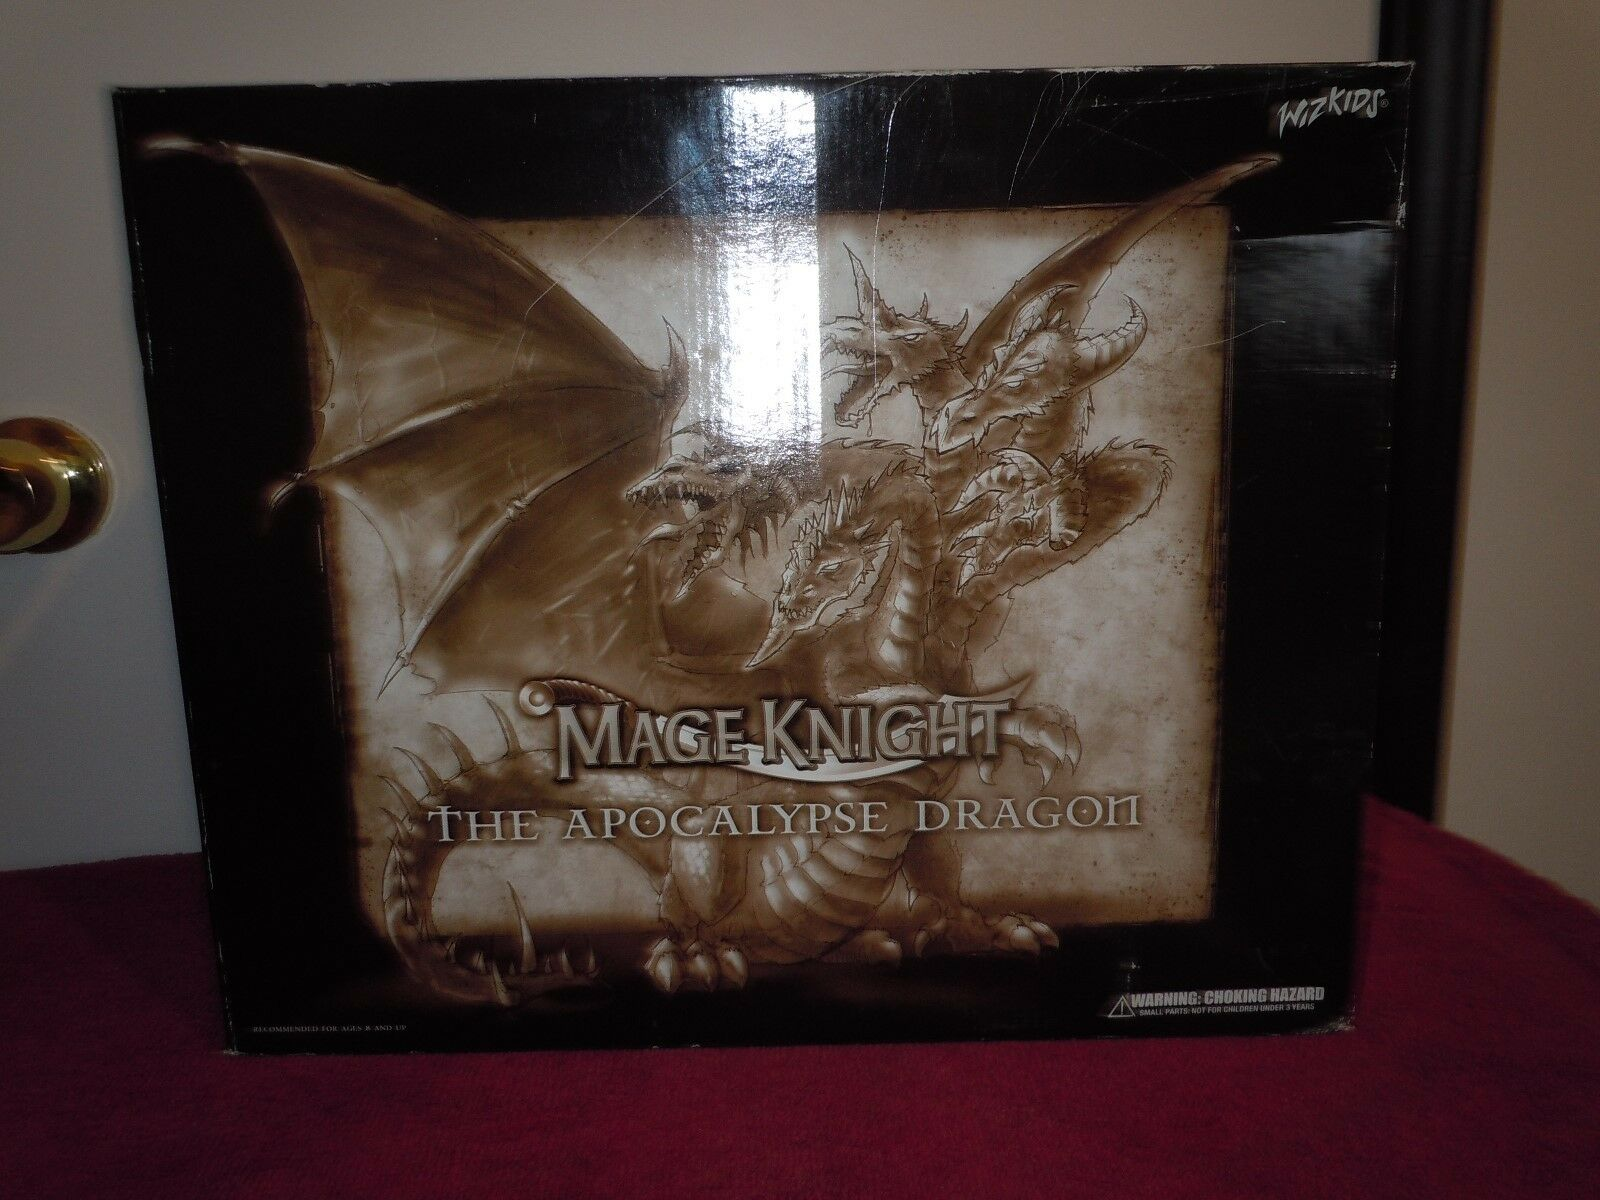 2005 Mage Knight Apocalipsis Dragon Menta en caja Convención Exclusiva